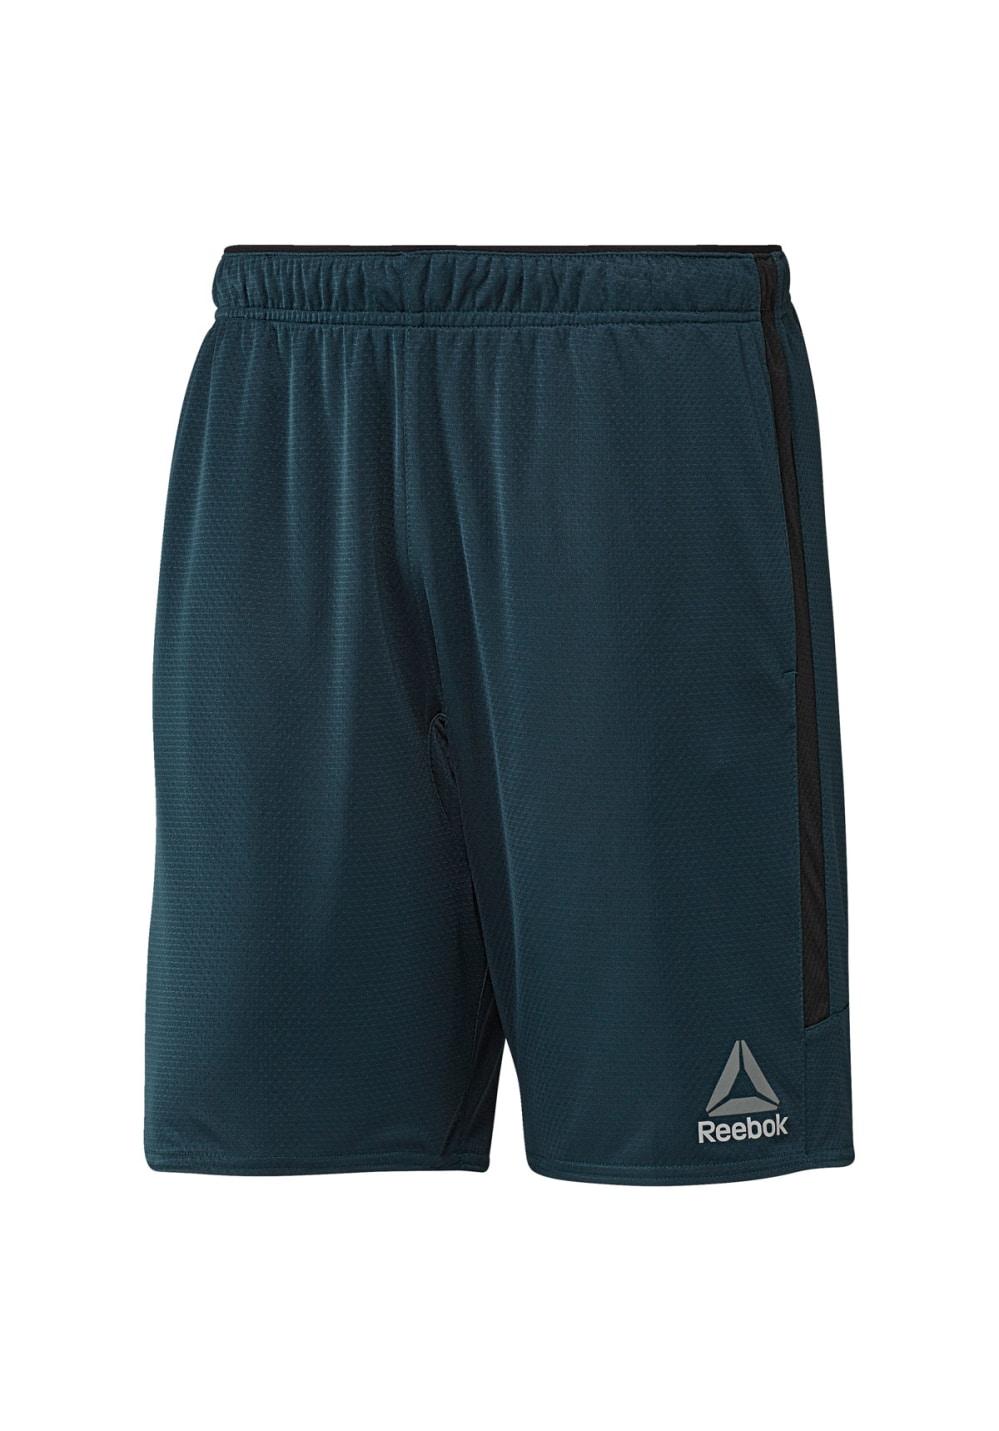 Reebok Work N Short - Fitnesshosen für Herren - Blau, Gr. S